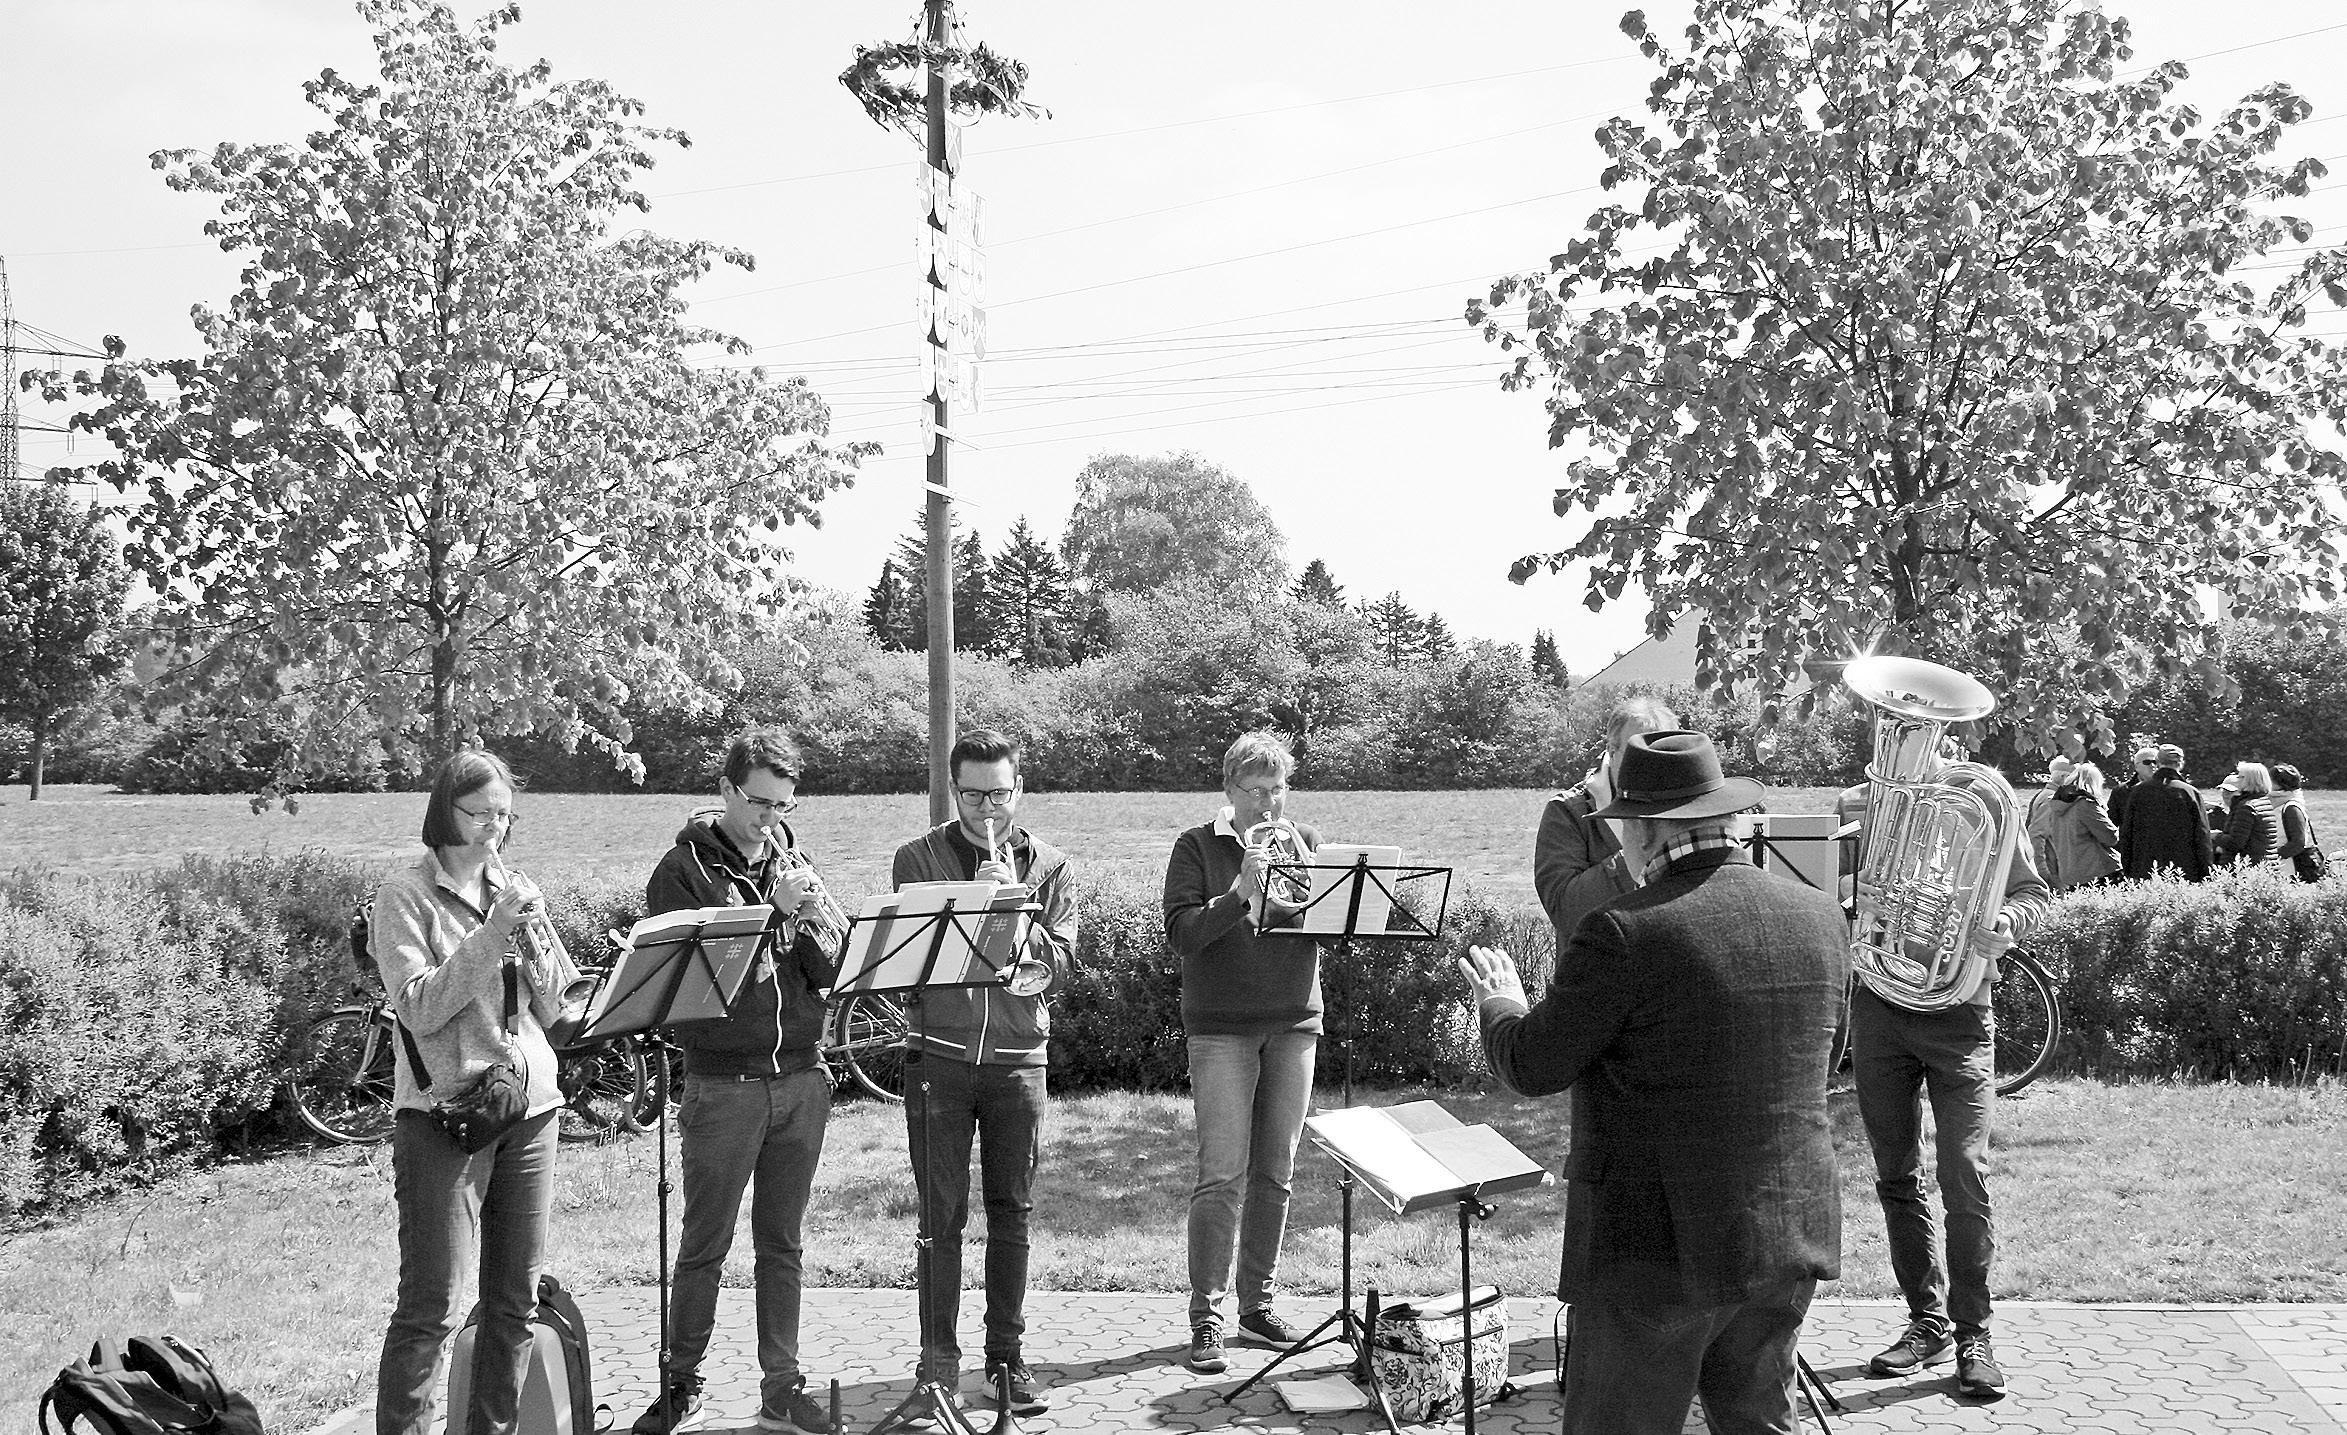 Der Posaunenchor spielte vor dem Maibaum. Fotos: Andreas Reimchen